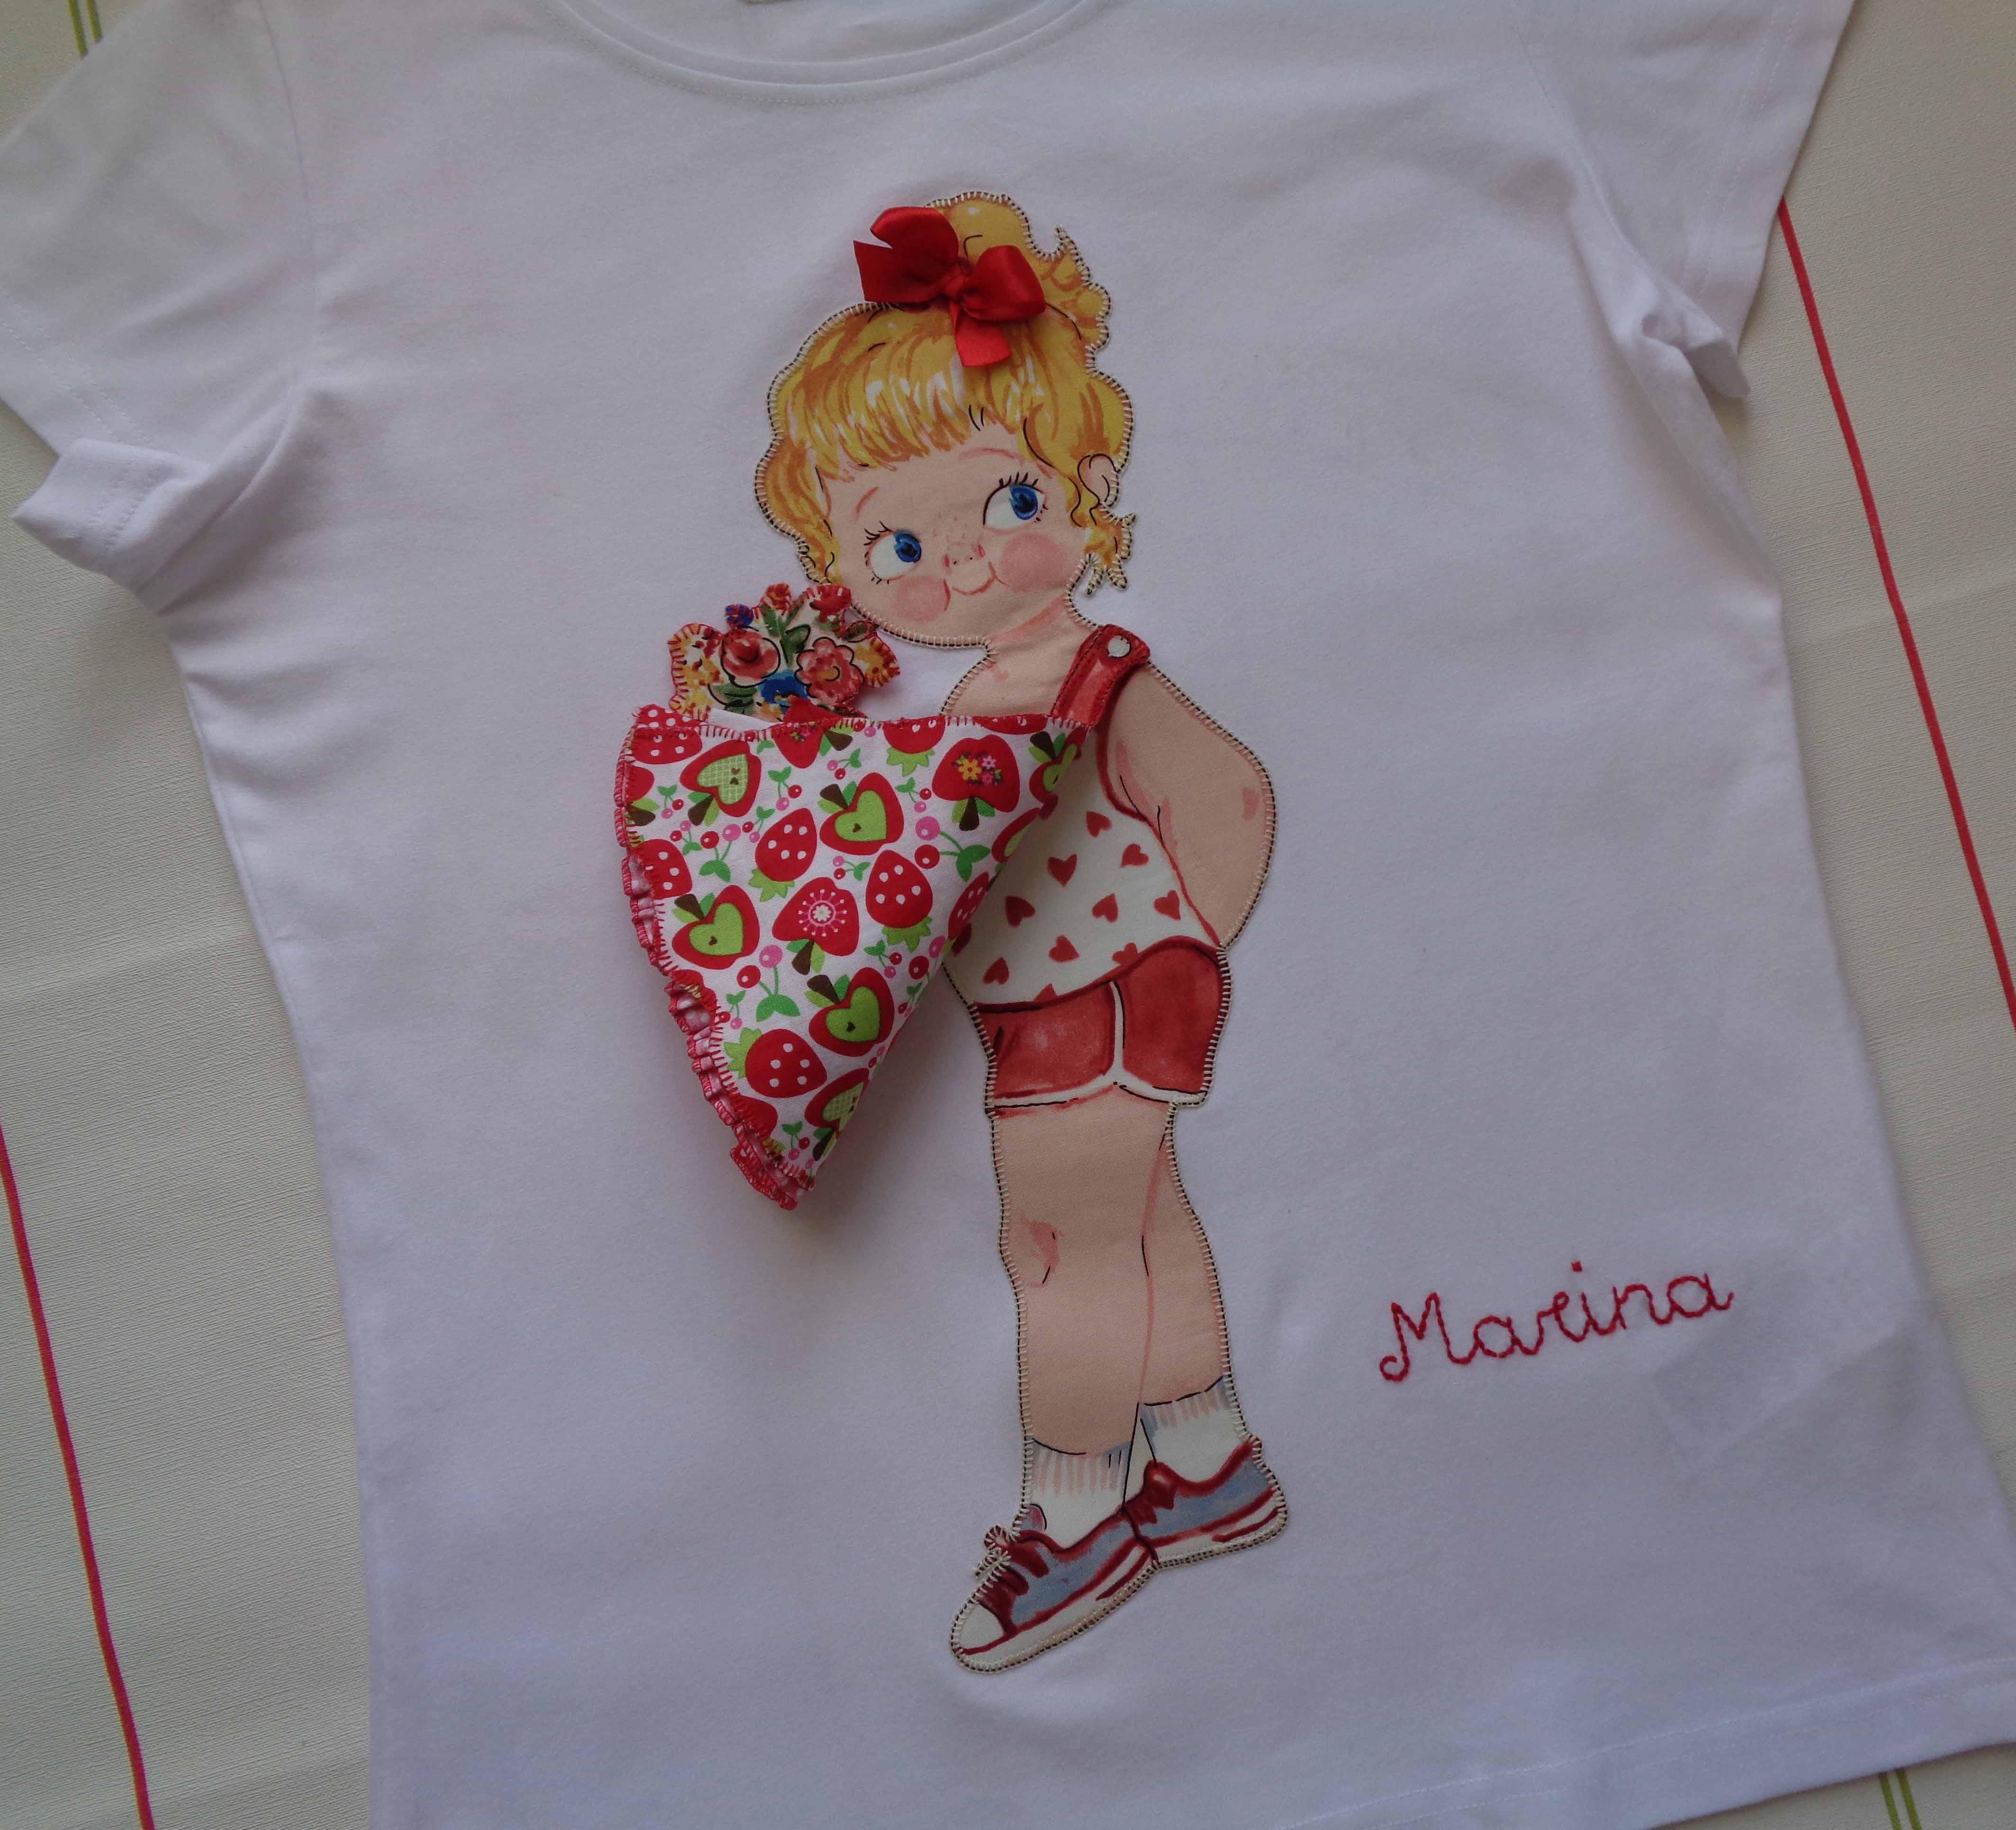 Camiseta muñeca con vestido de volantes. Marina